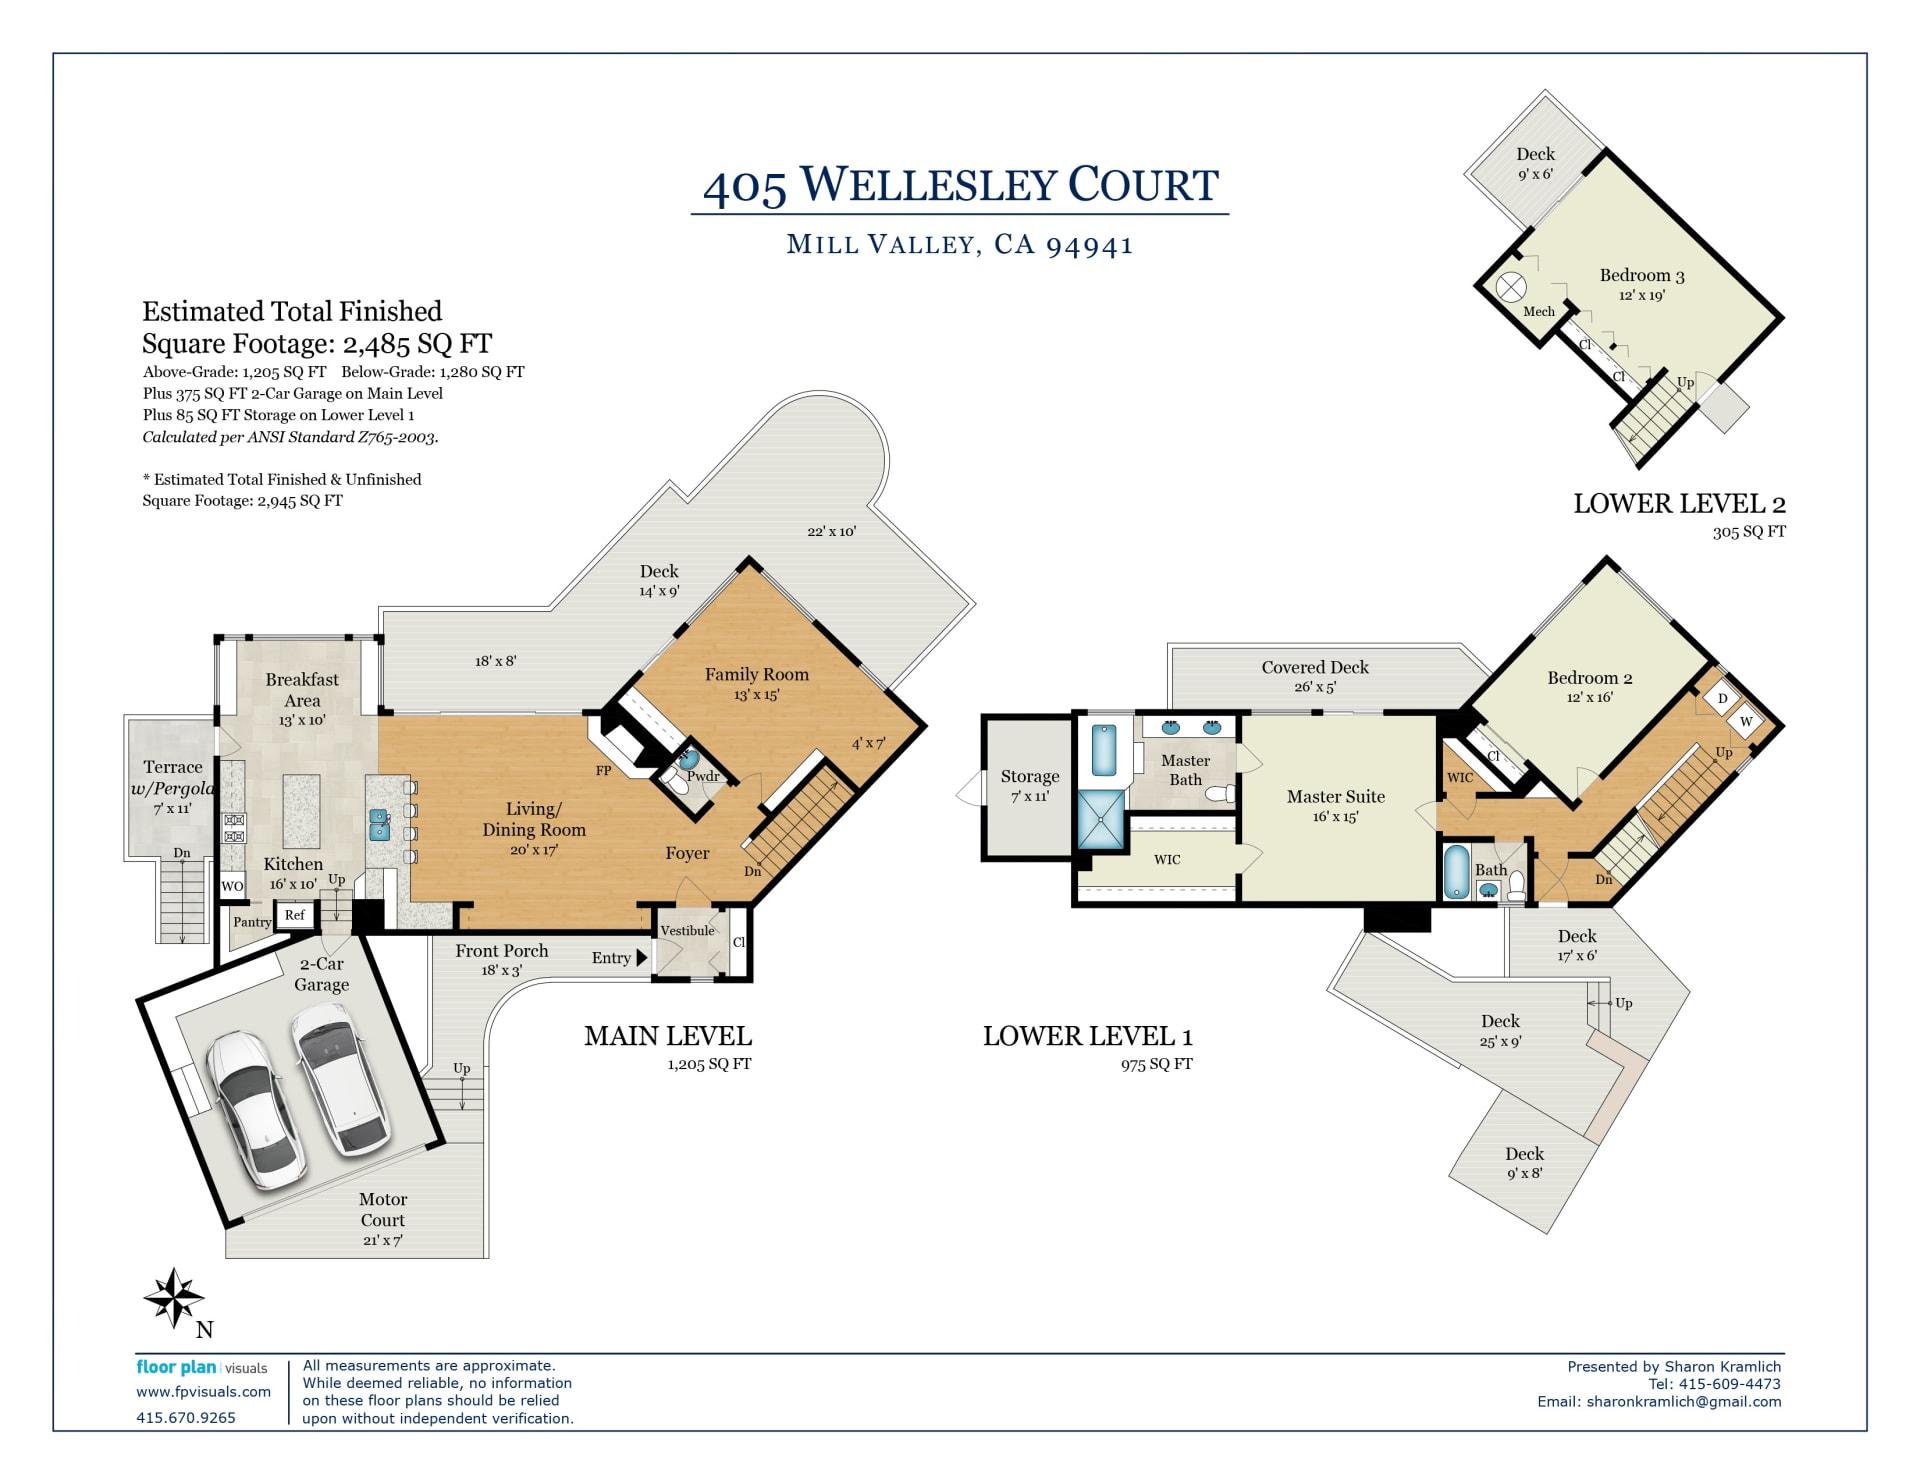 405 Wellesley Court photo